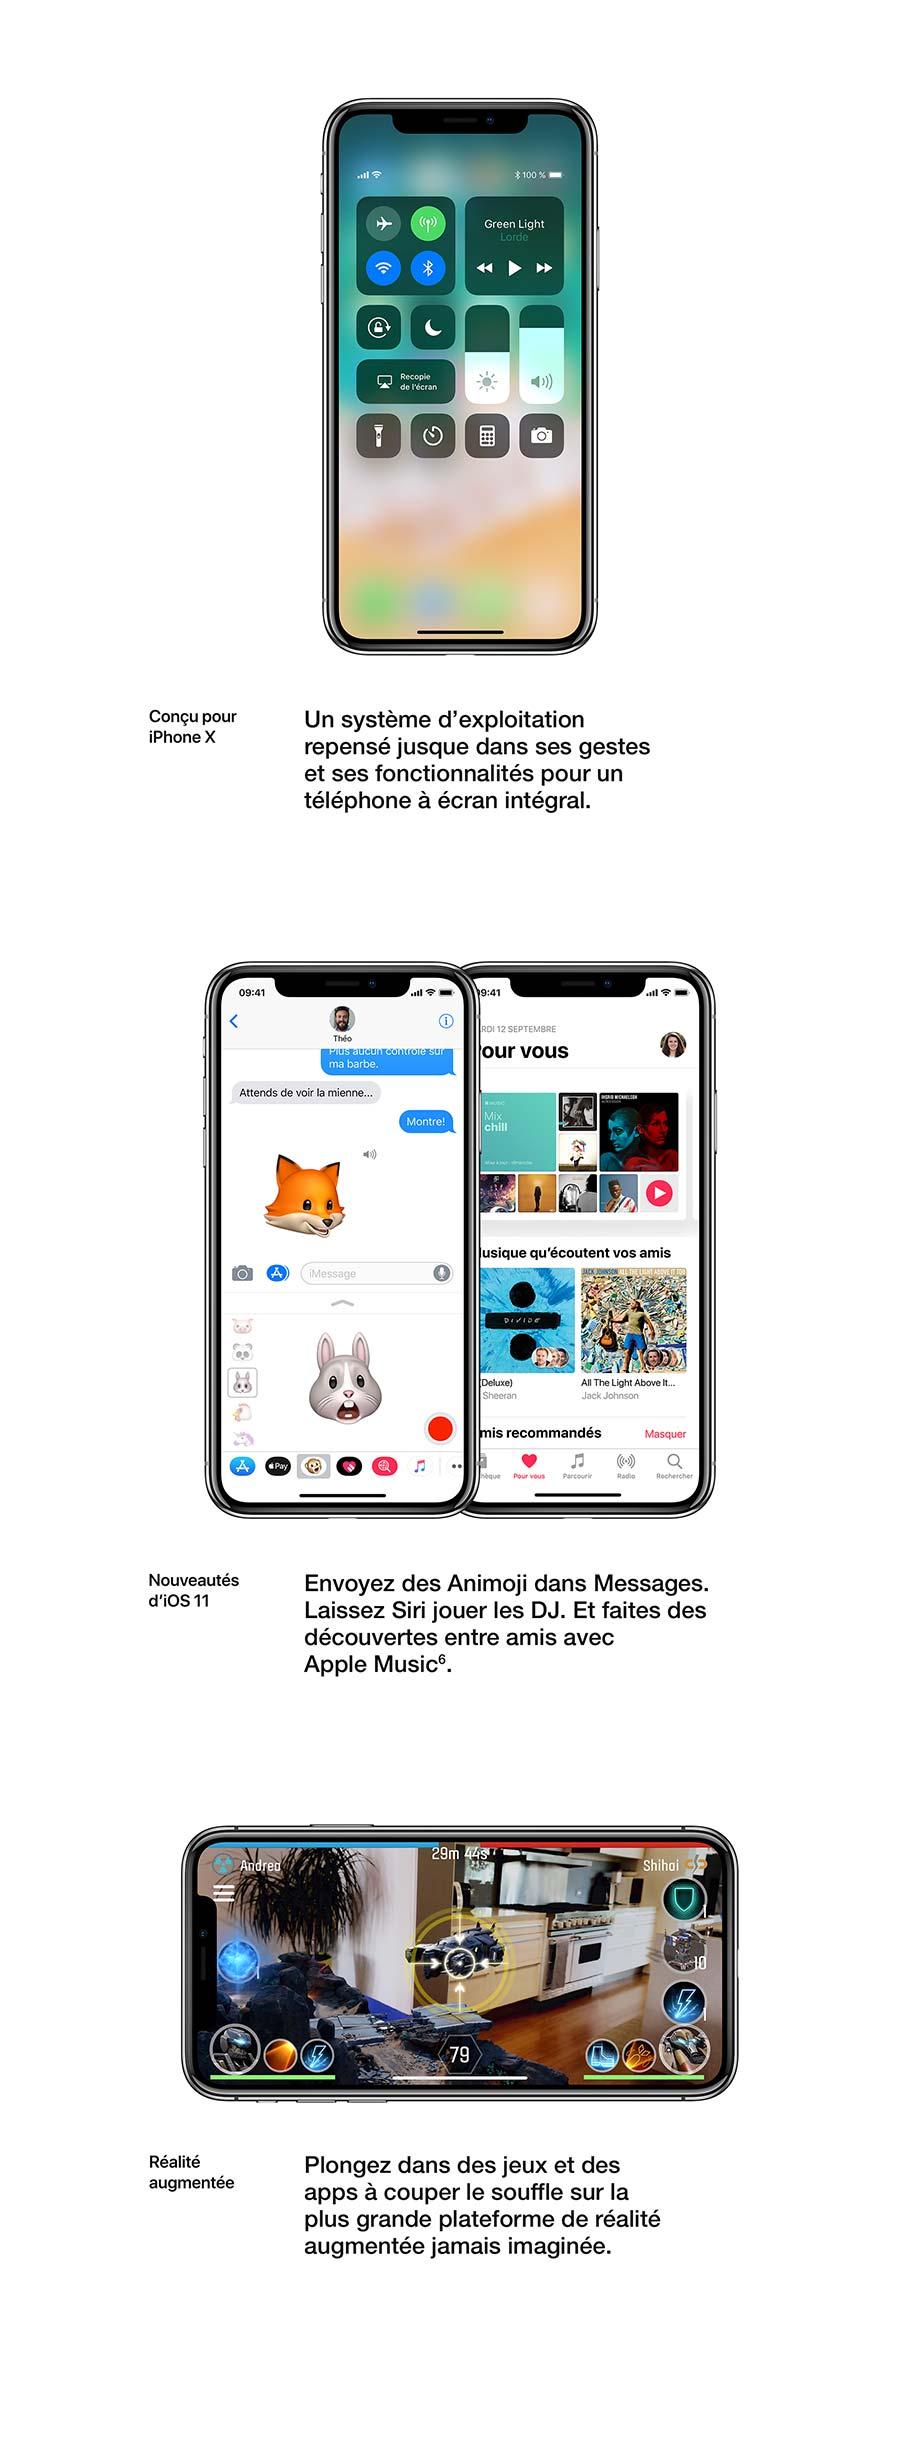 Conçu pour iPhone X, Nouveautés d'iOS 11, Réalité augmentée